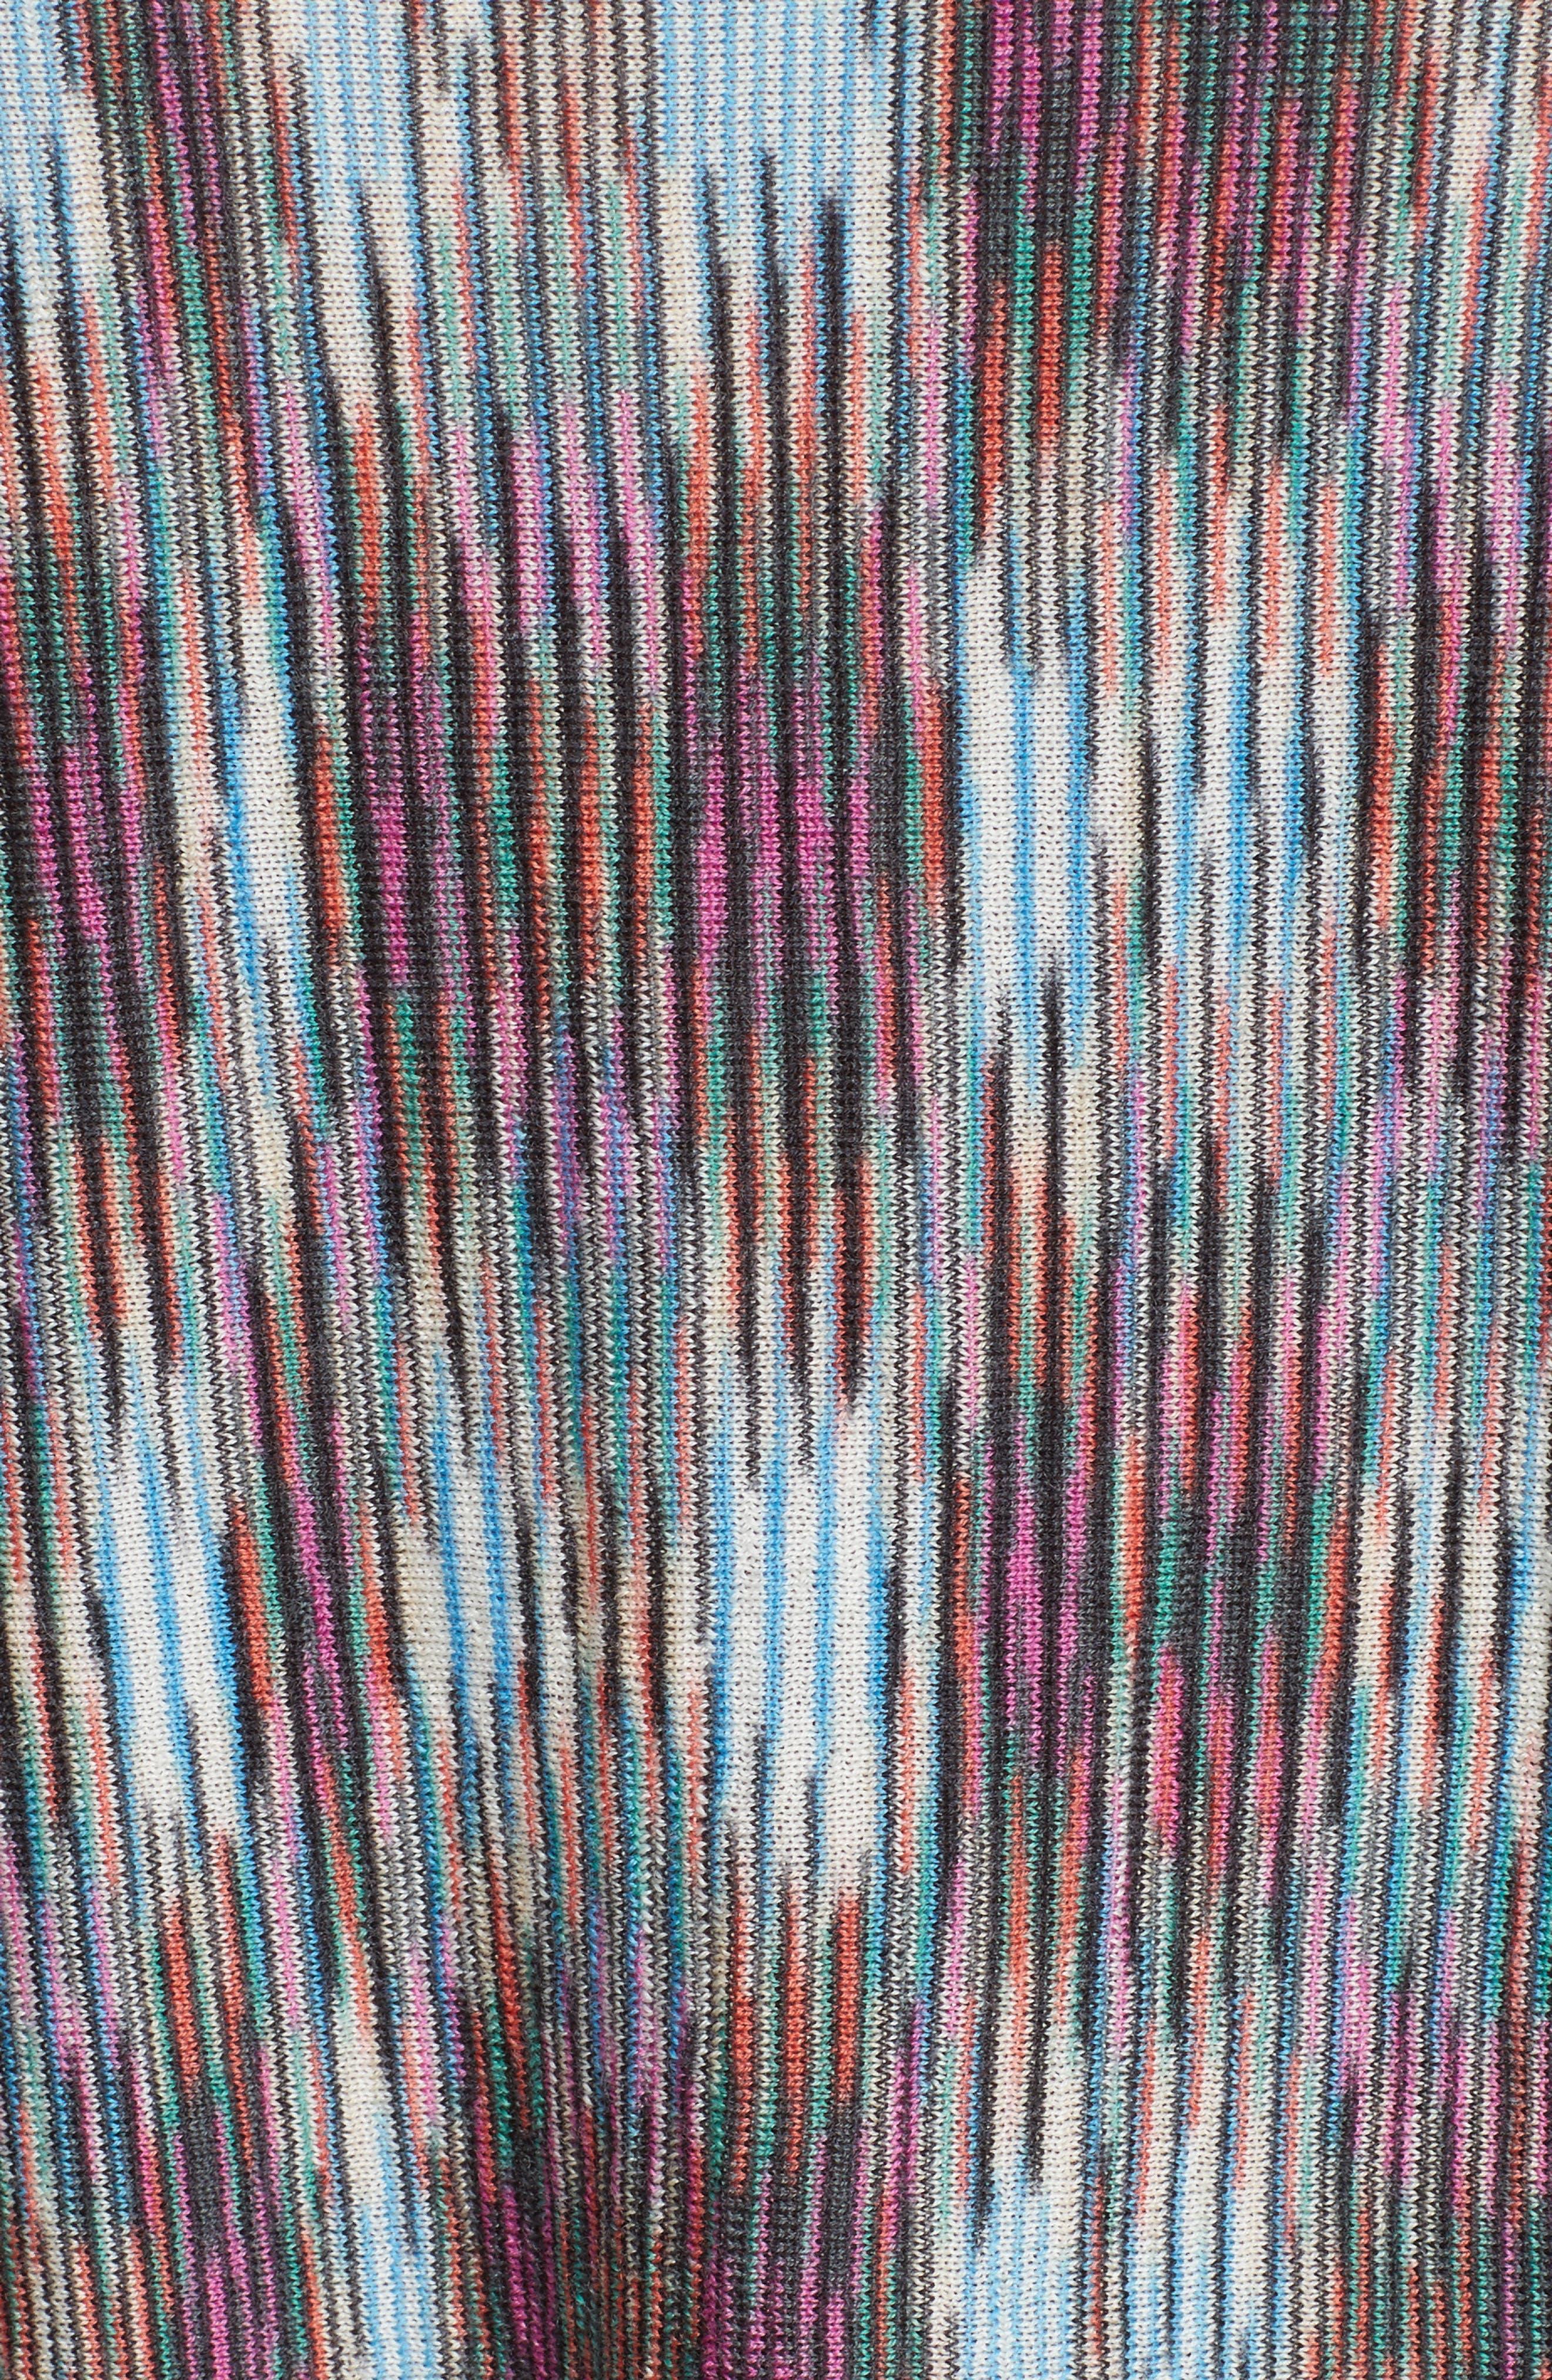 Space Dye Knit Dress,                             Alternate thumbnail 7, color,                             001